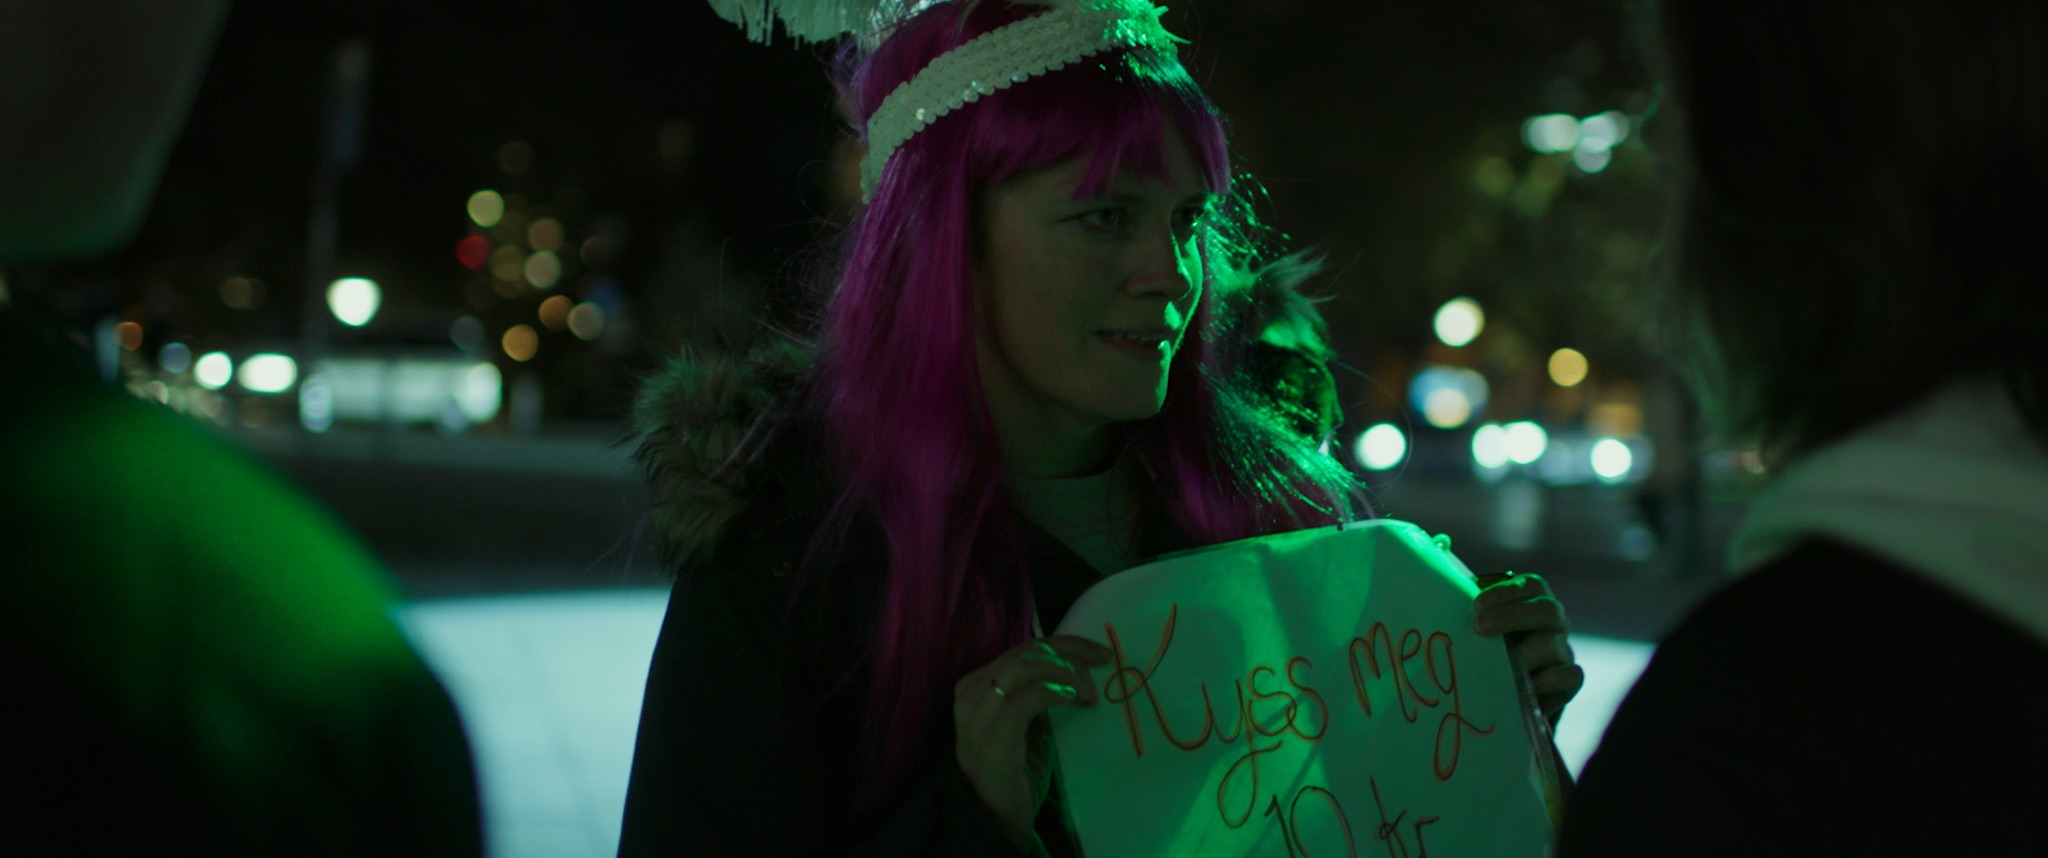 I byparken vakler Mona (Nina Ellen Ødegård) rundt i sitt eget utdrikningslag og lurer på hvem hun er.